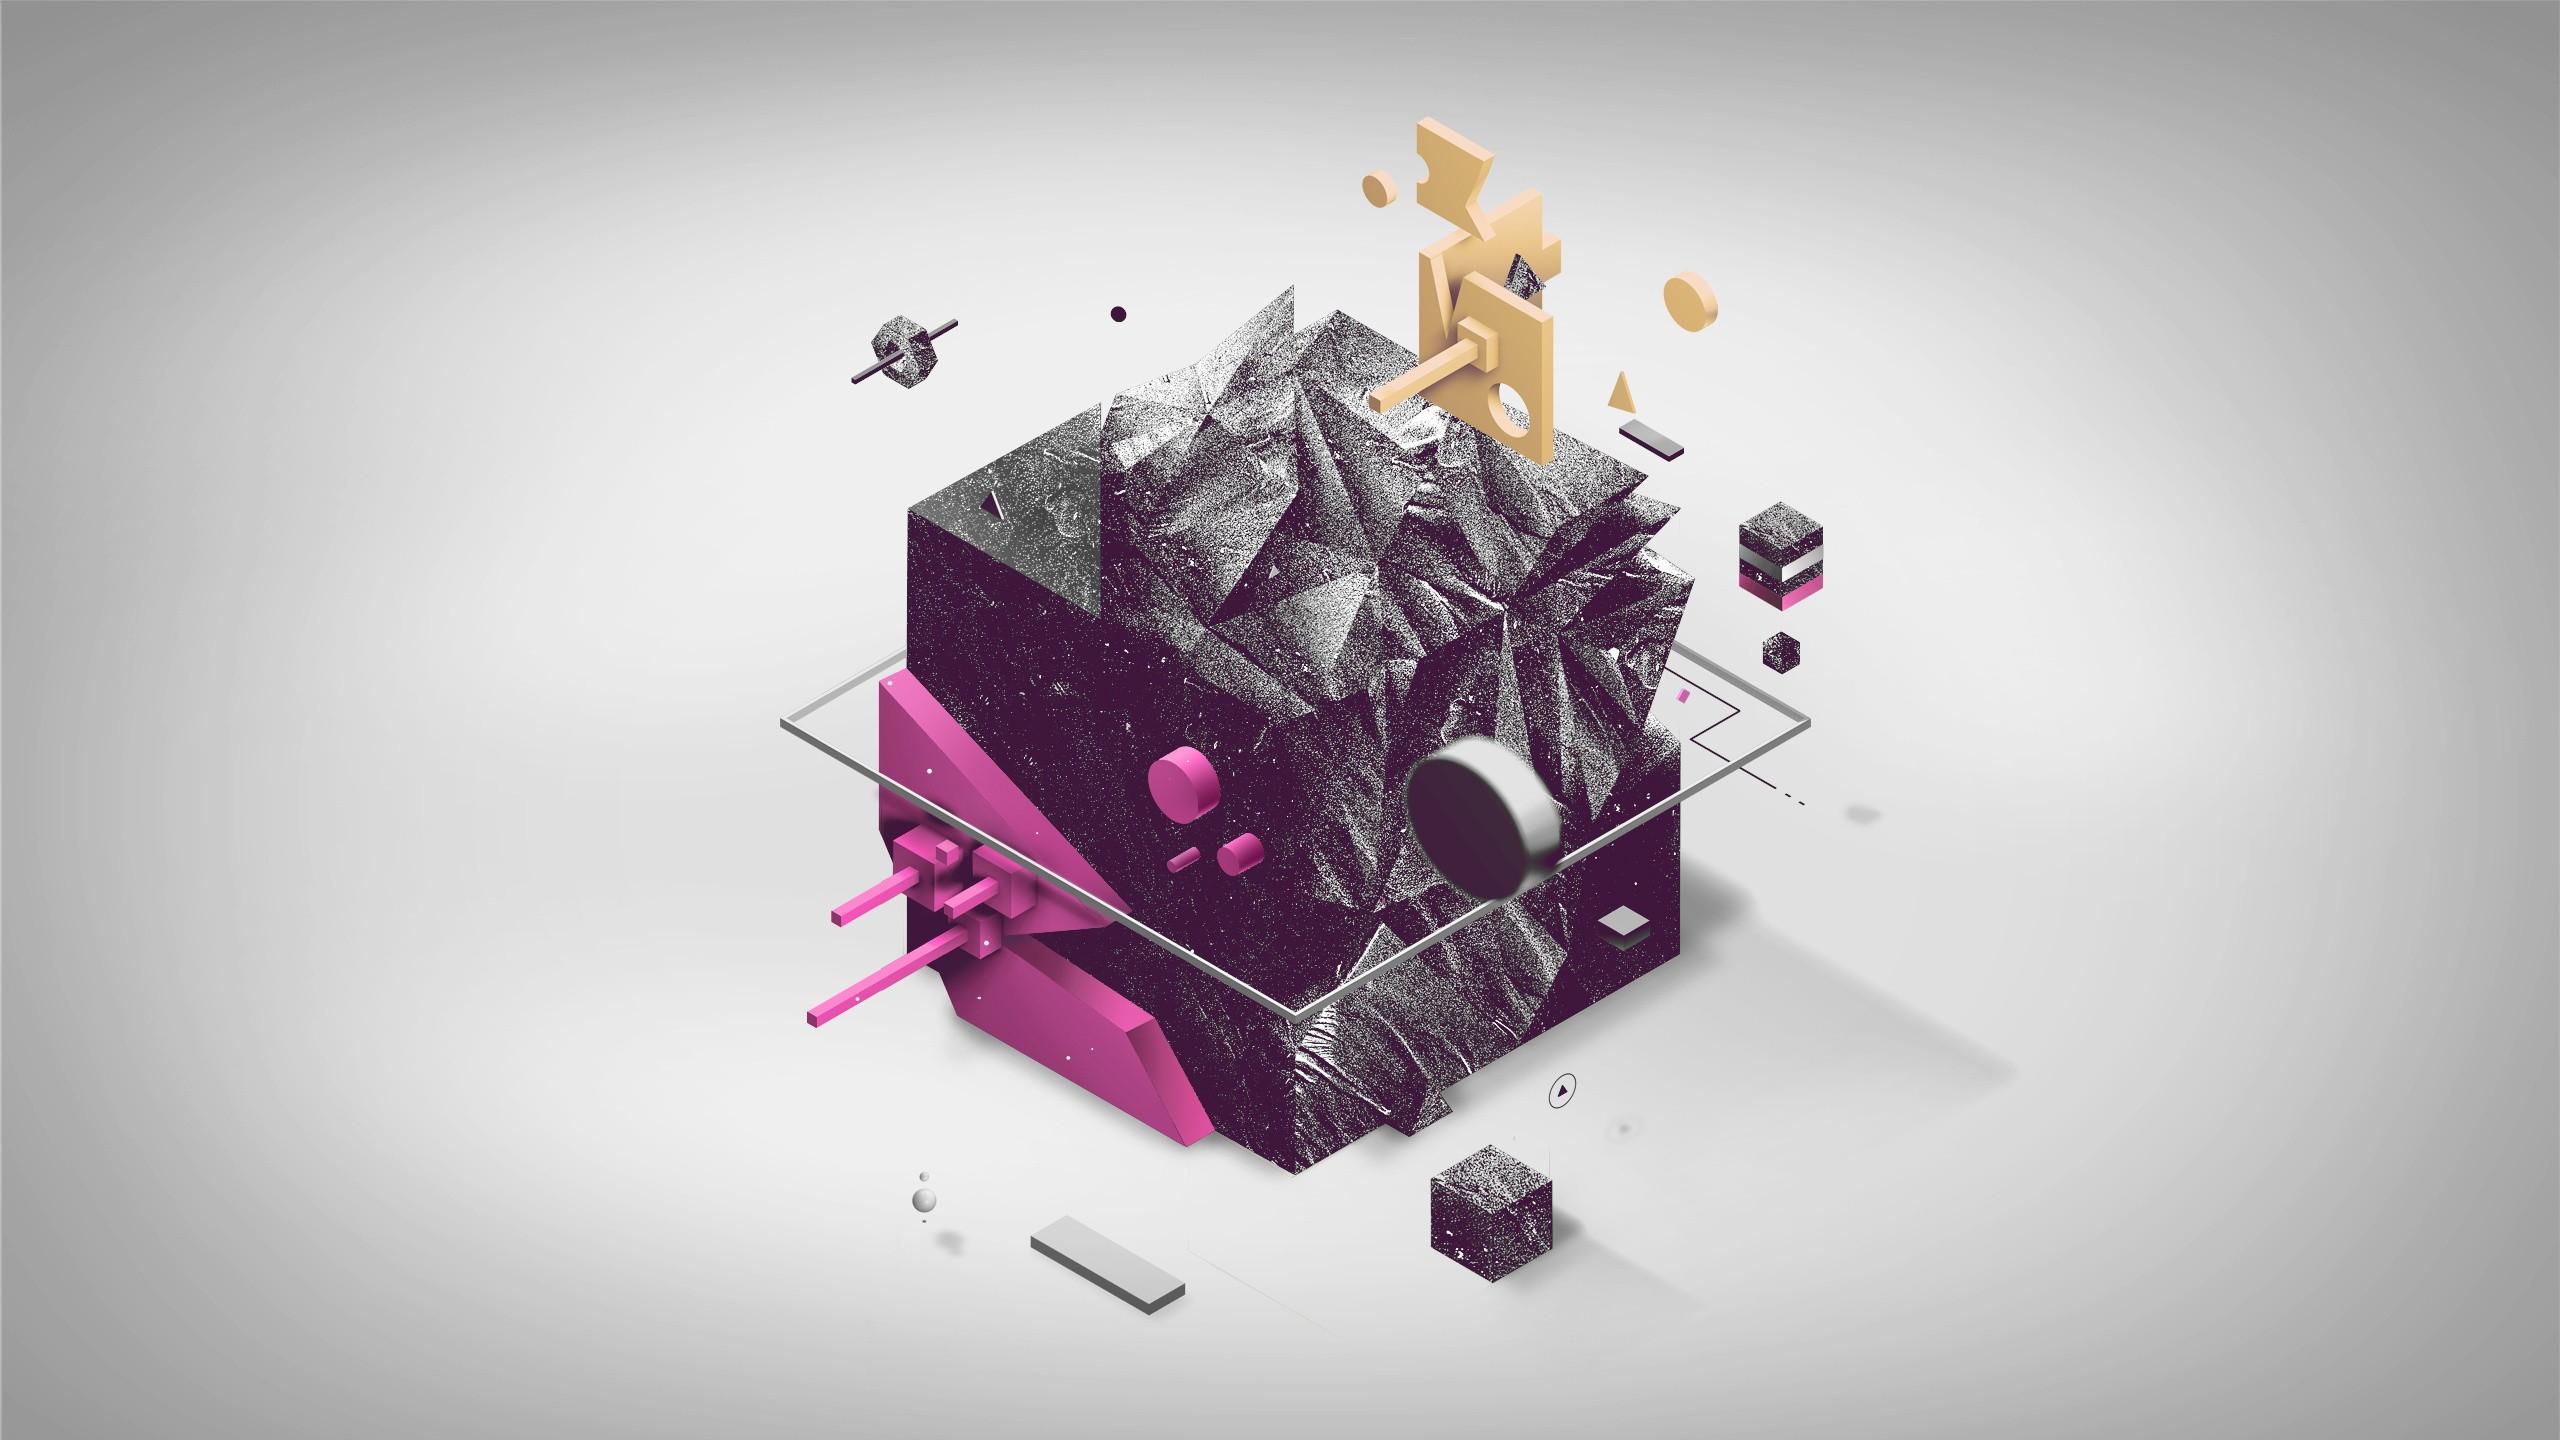 Sasuke Minimalista Fondo: Fondos De Pantalla : Dibujo, Ilustración, Arte Digital